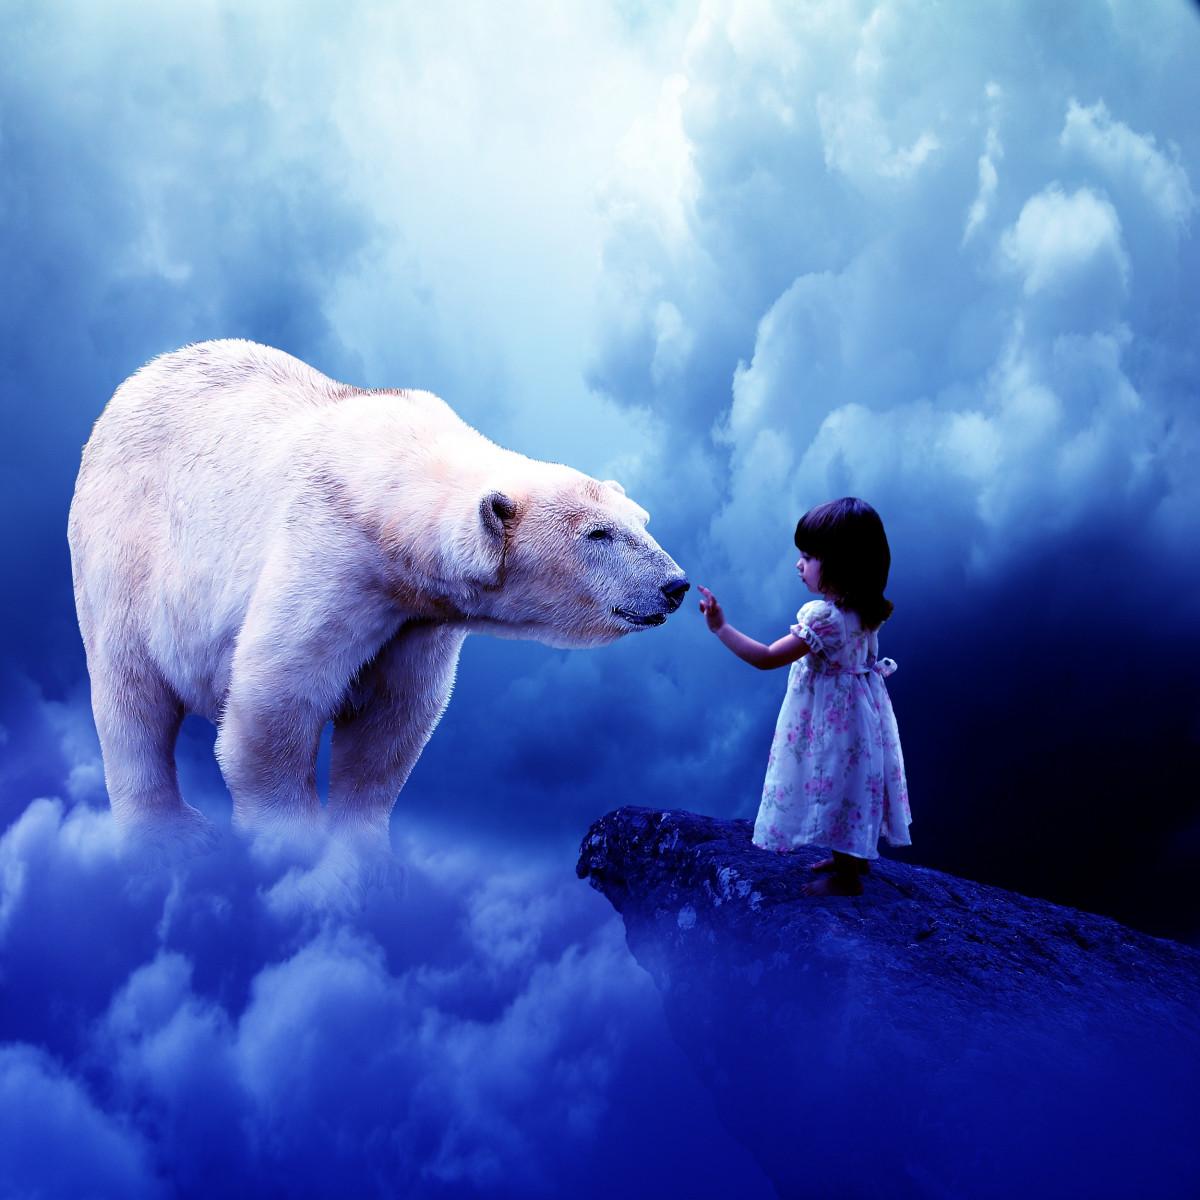 gratis billeder   hav  pige  bj u00f8rn  pattedyr  bl u00e5  arctic